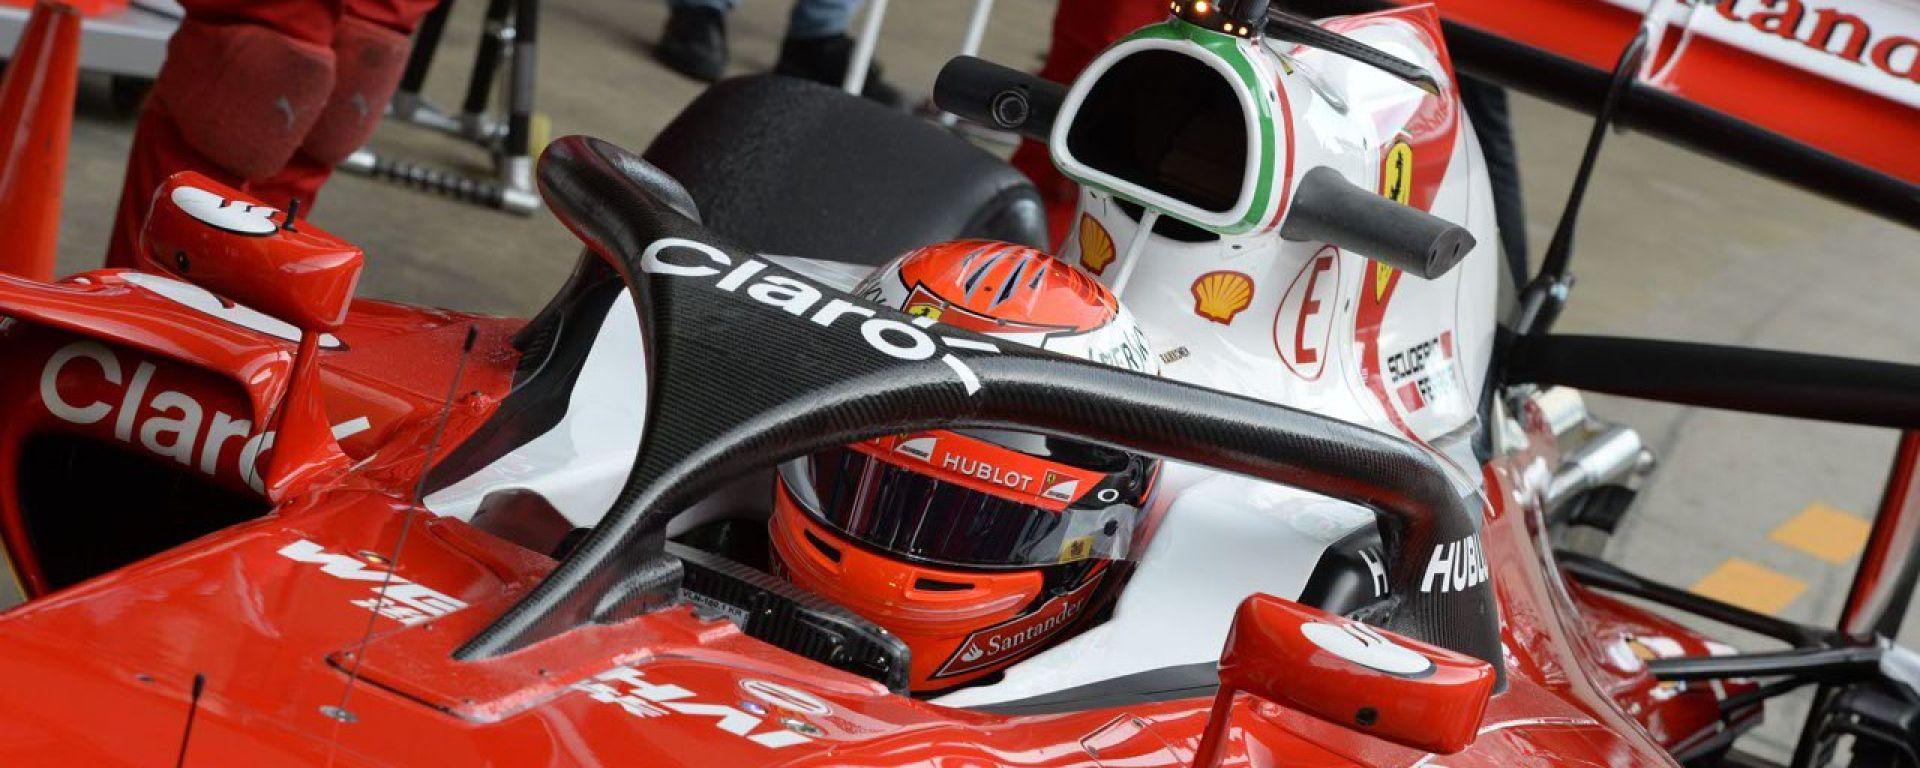 F1 2017 più sicura con nuove protezioni